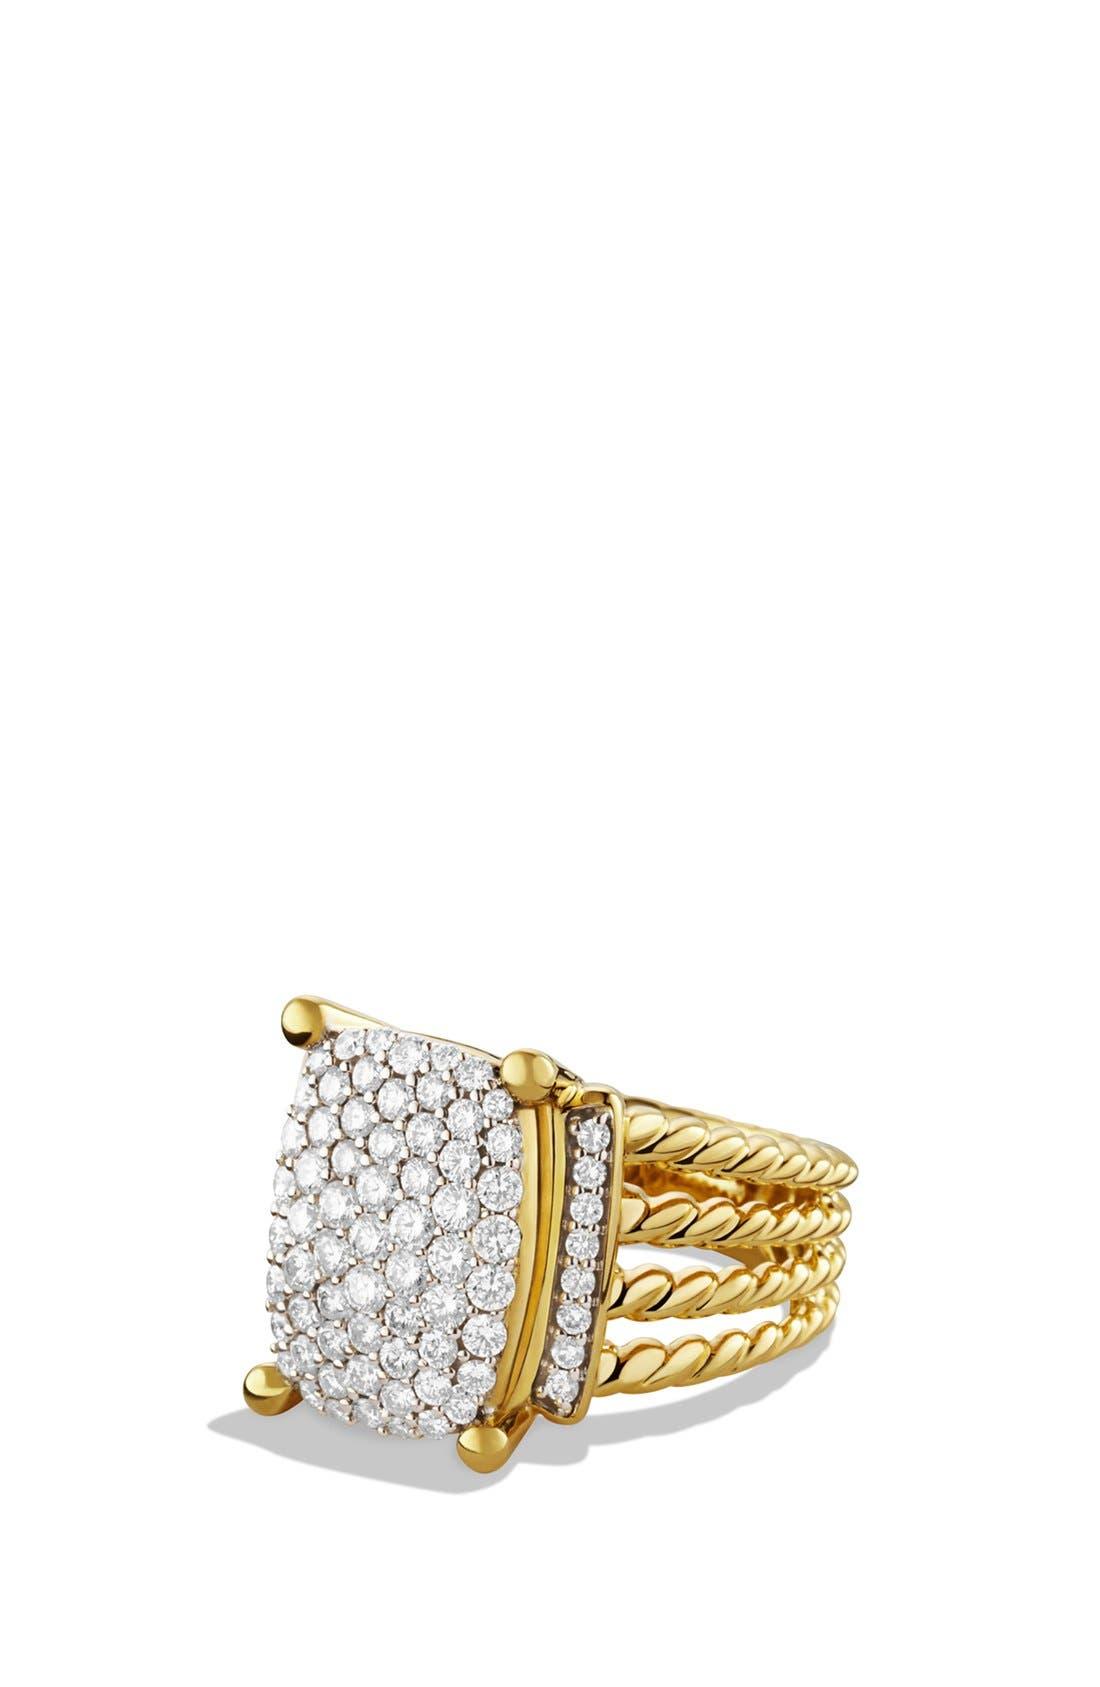 Main Image - David Yurman 'Wheaton' Ring with Diamonds in Gold